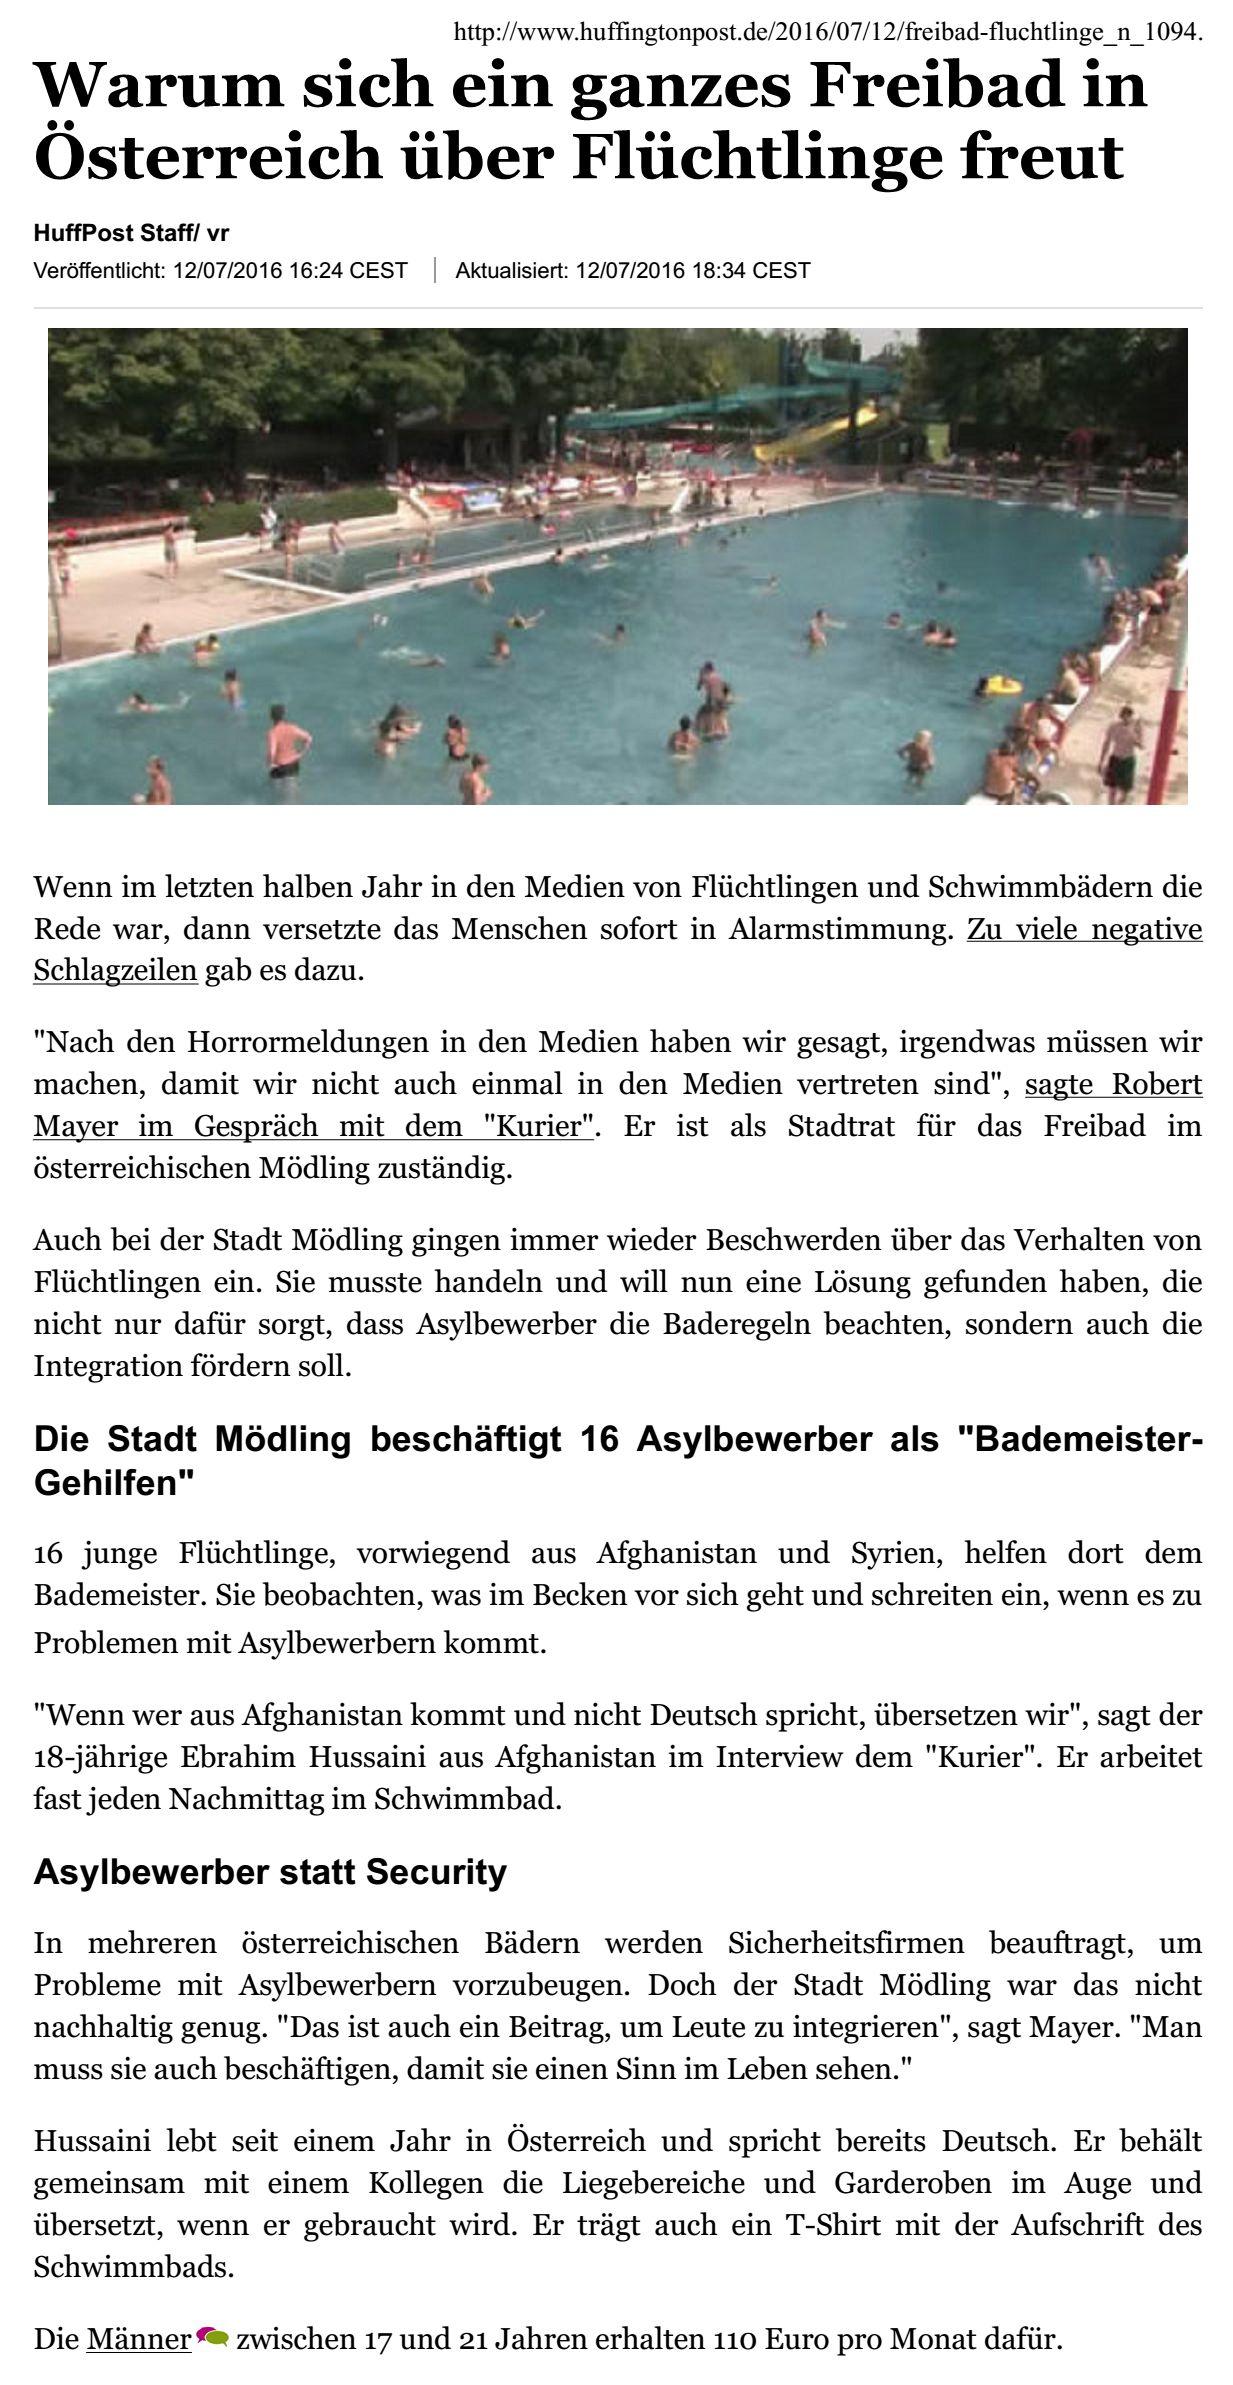 HuffingtonPost_20160712_WarumSichEinGanzesFreibadInOesterreichUeberFluechtlingeFreut